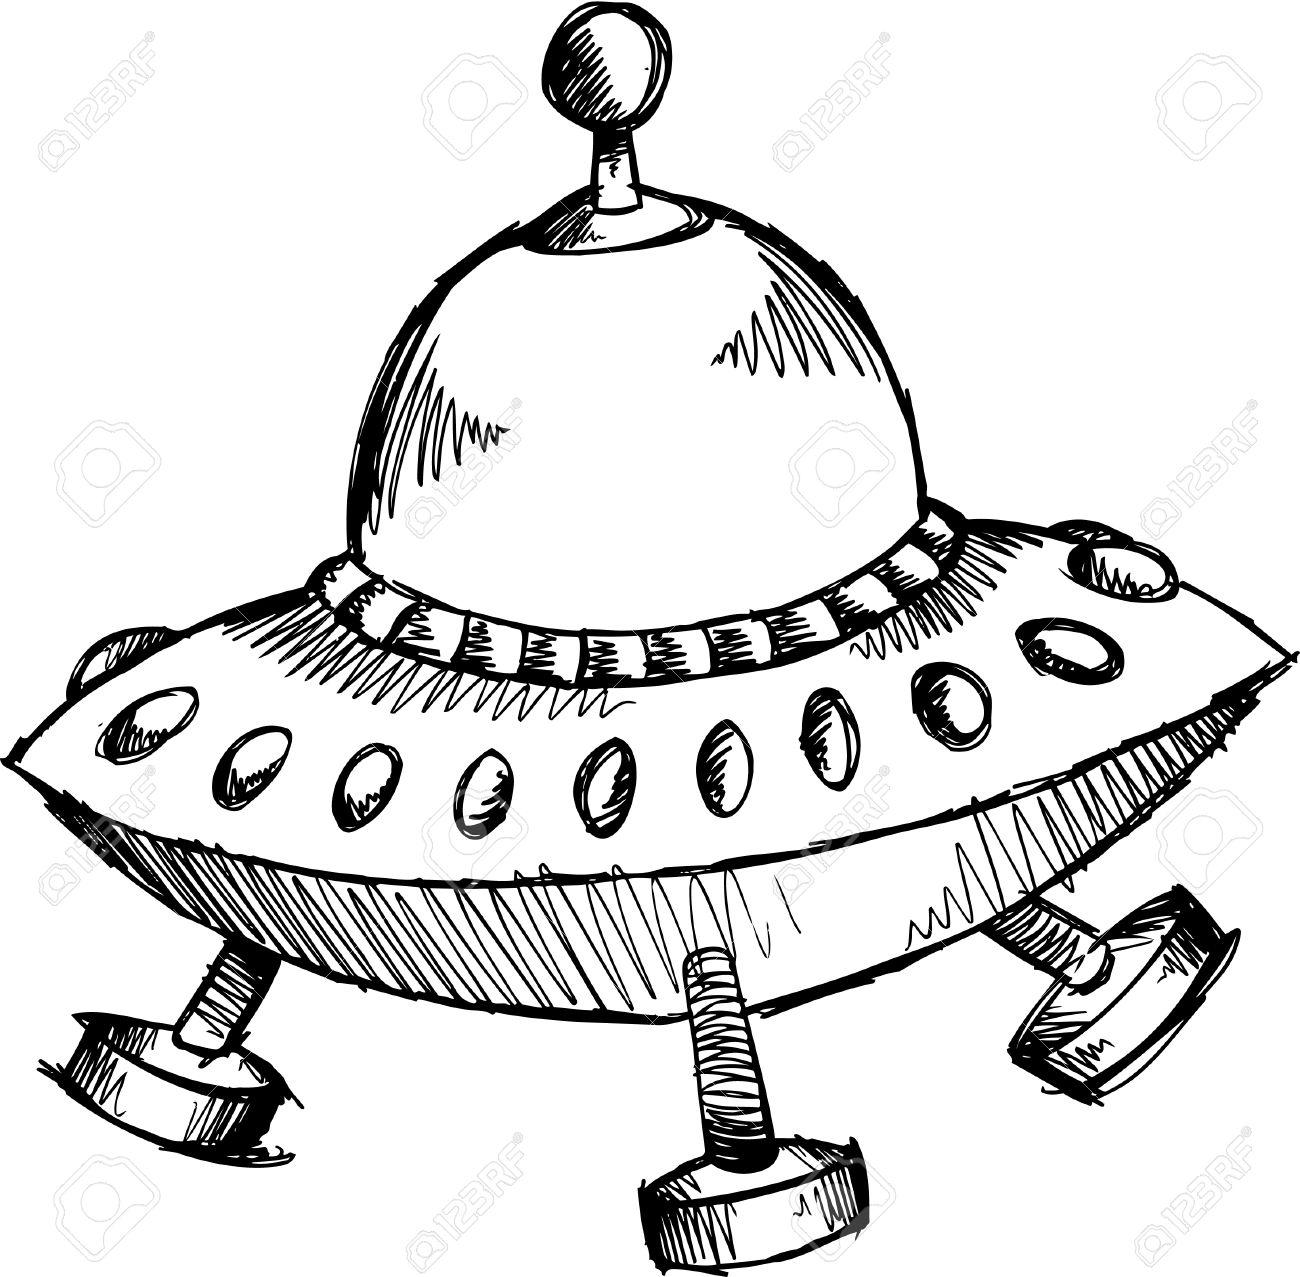 落書きのスケッチ宇宙船イラストのイラスト素材ベクタ Image 6784493